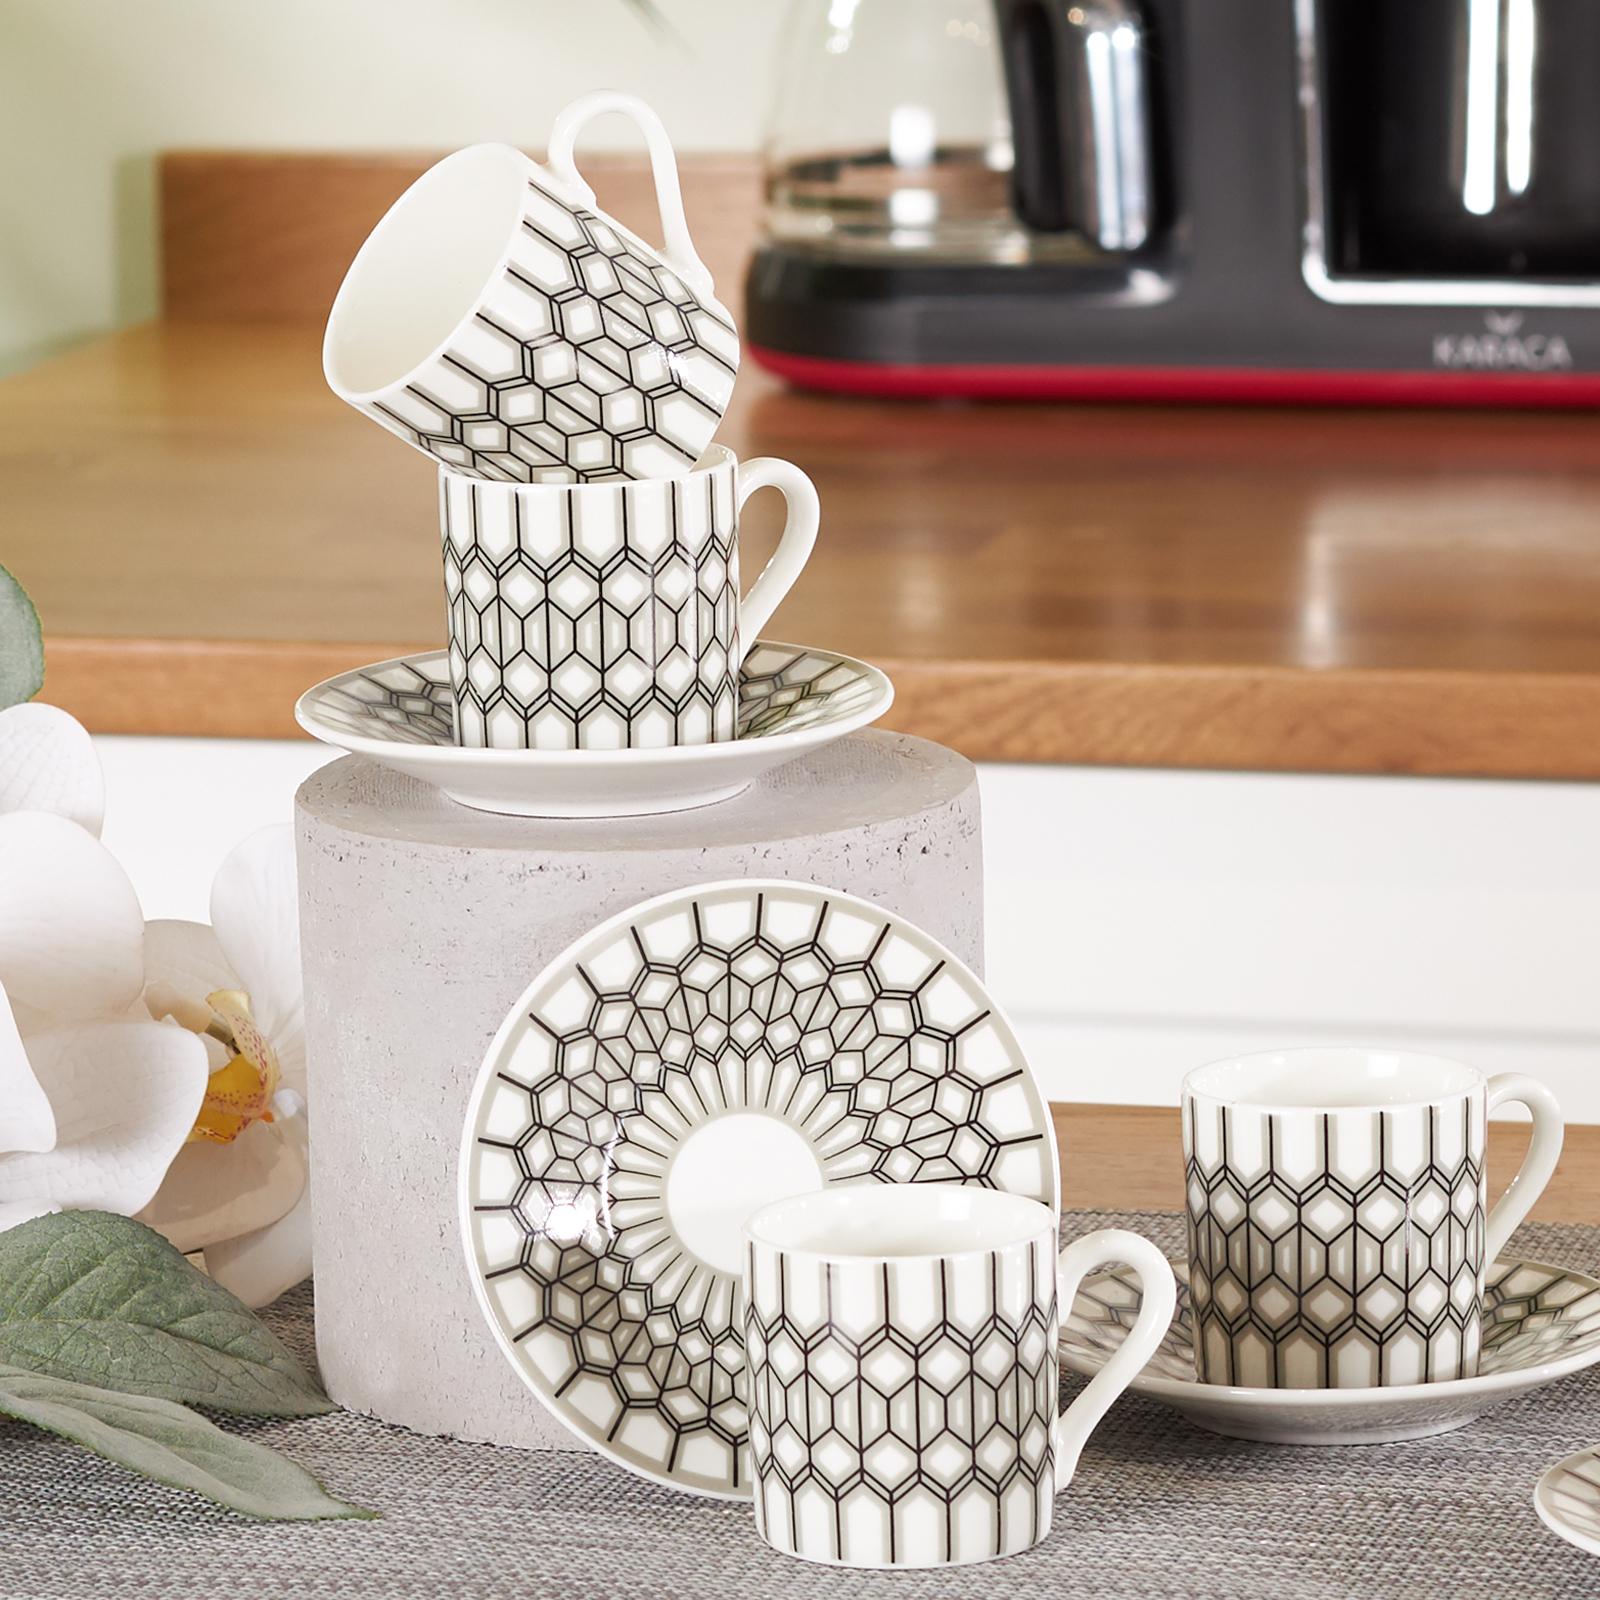 Karaca Glamour 6 Kişilik Kahve Fincanı Takımı